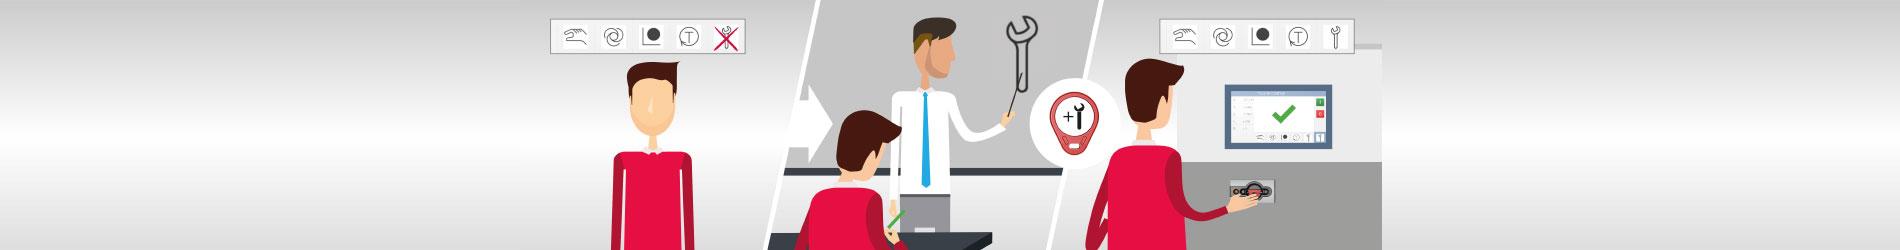 Incrementar la seguridad en el puesto de trabajo y reducir los tiempos de parada